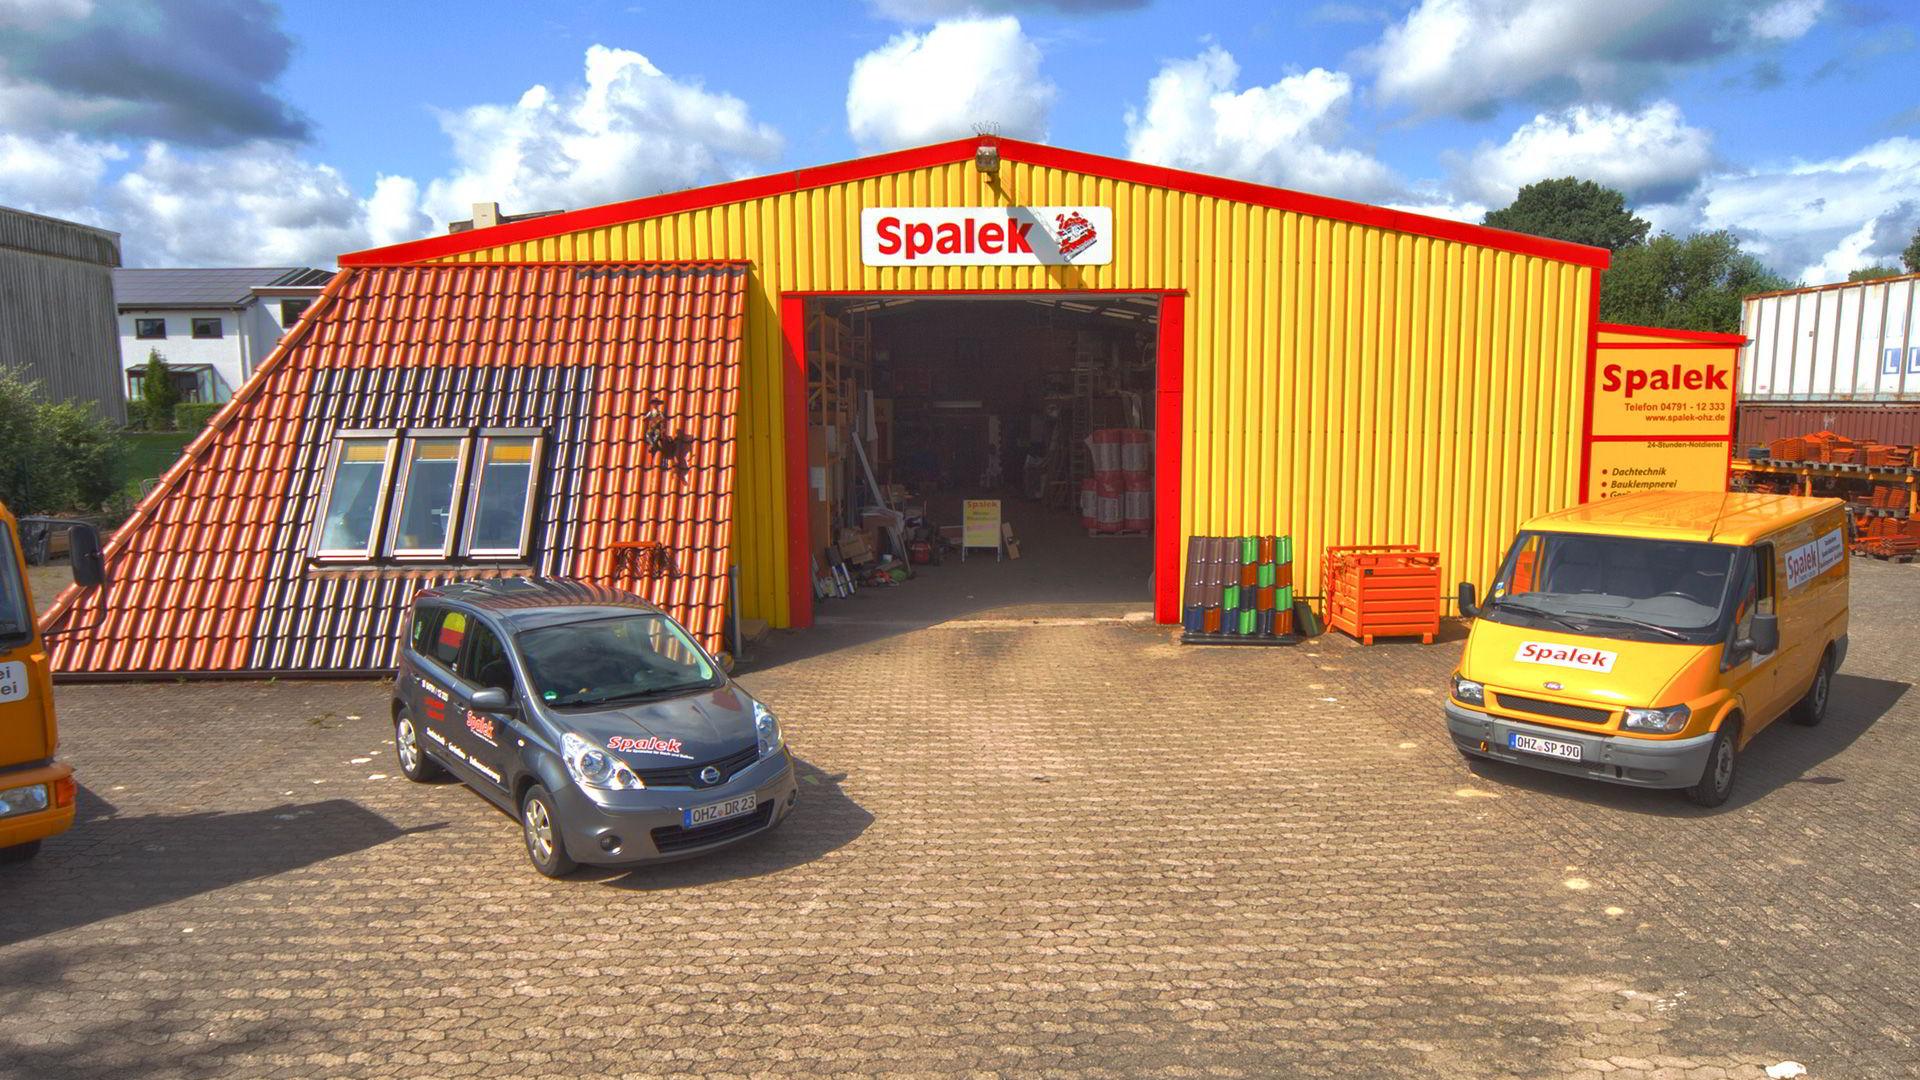 Gebäude Dachdecker Spalek 1920x1080px | Dachdeckerei Spalek OHZ